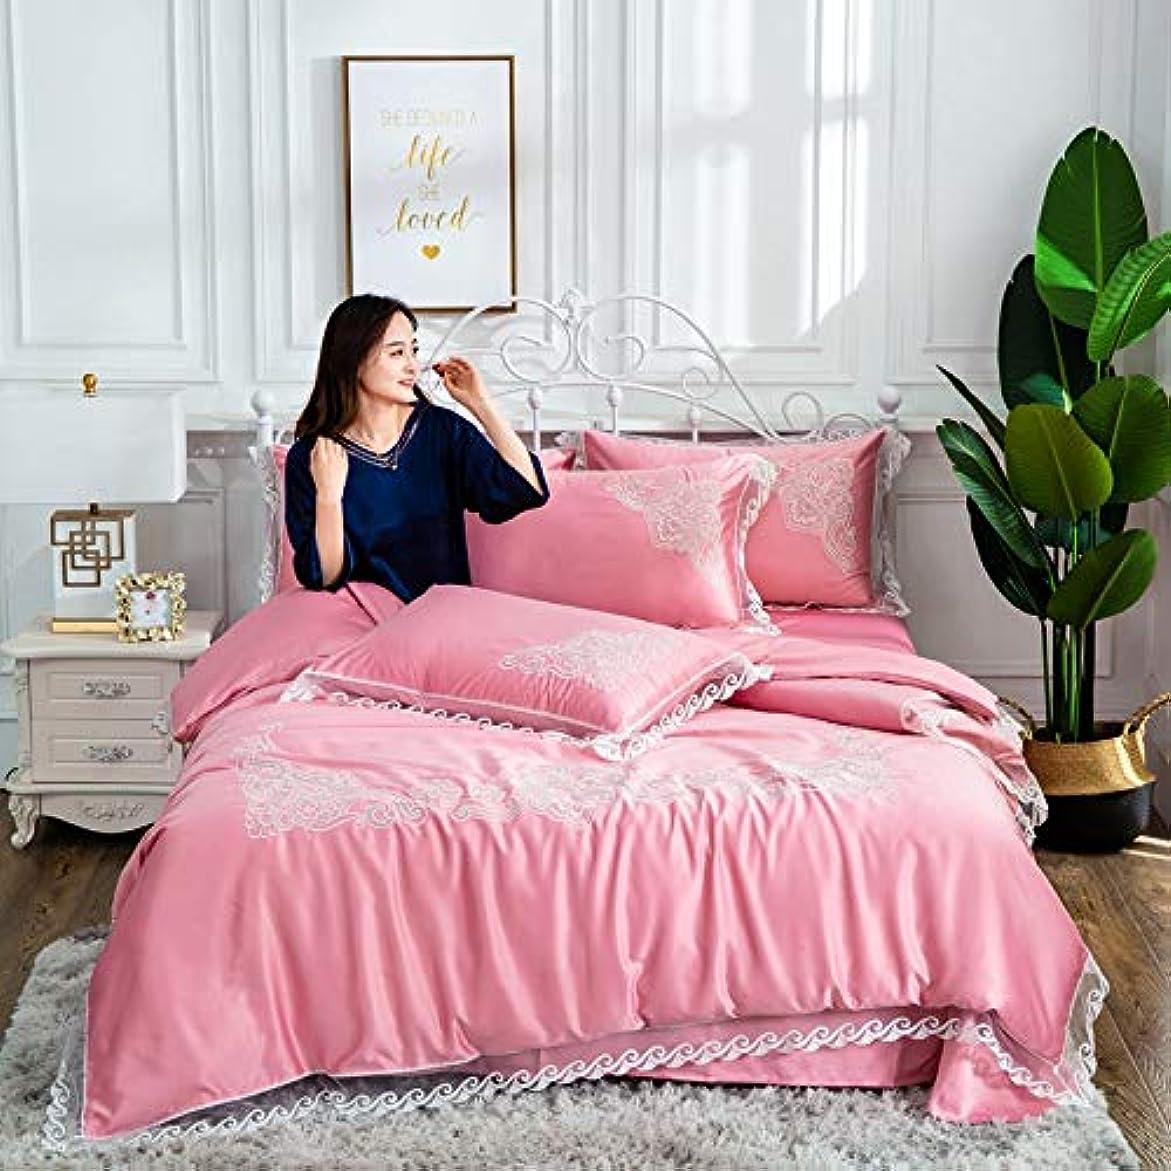 聴くステートメントミキサー洗ったシルクモルデールハイエンド刺繍4ピースセット 1.8 m (6 フィートベッド) ピンク